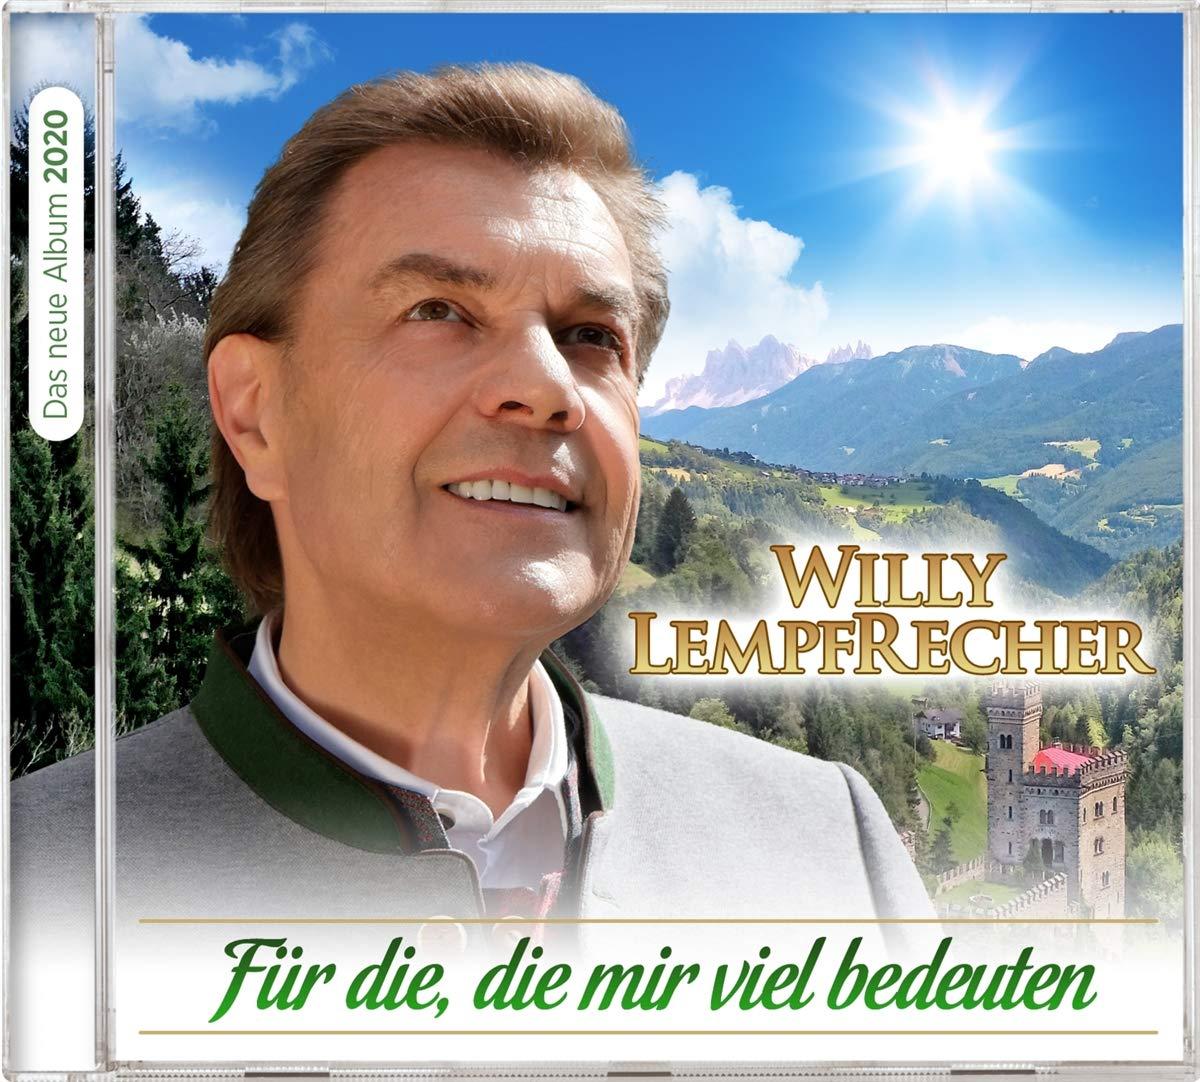 WILLY LEMPFRECHER * Für die, die mir viel bedeuten (CD)